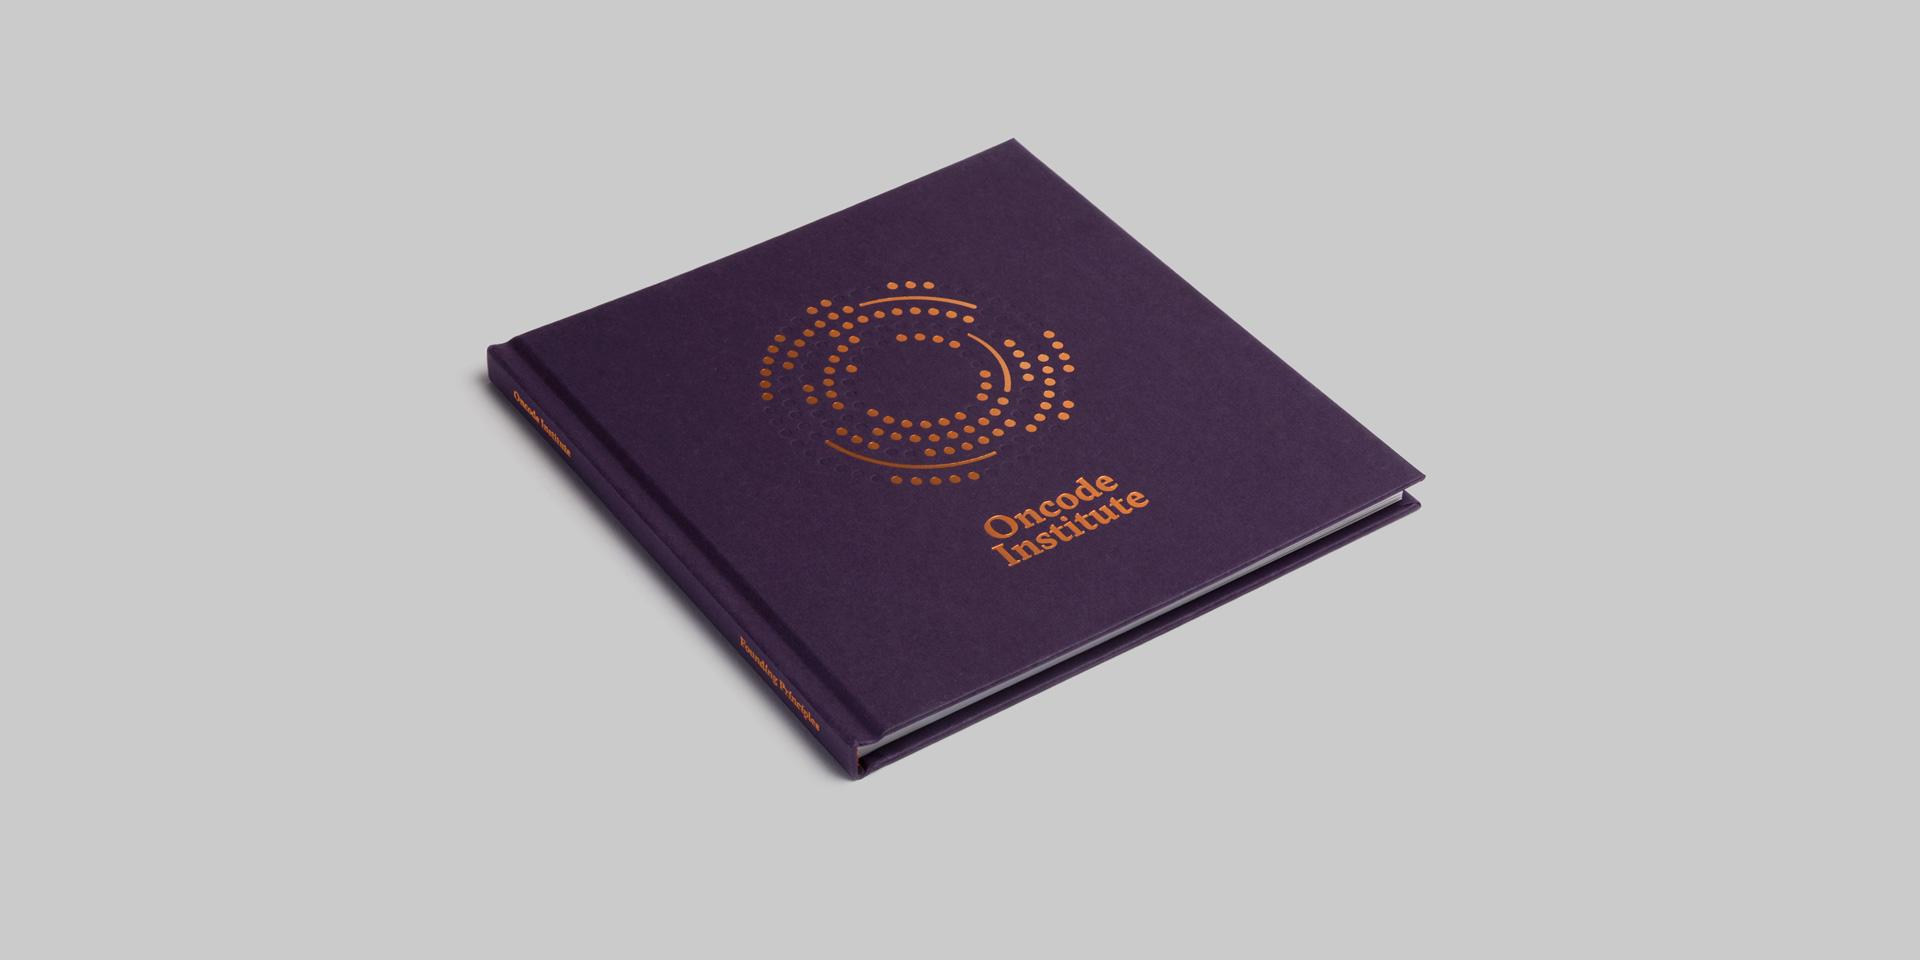 momkai_case_oncode_book_01 logo.jpg